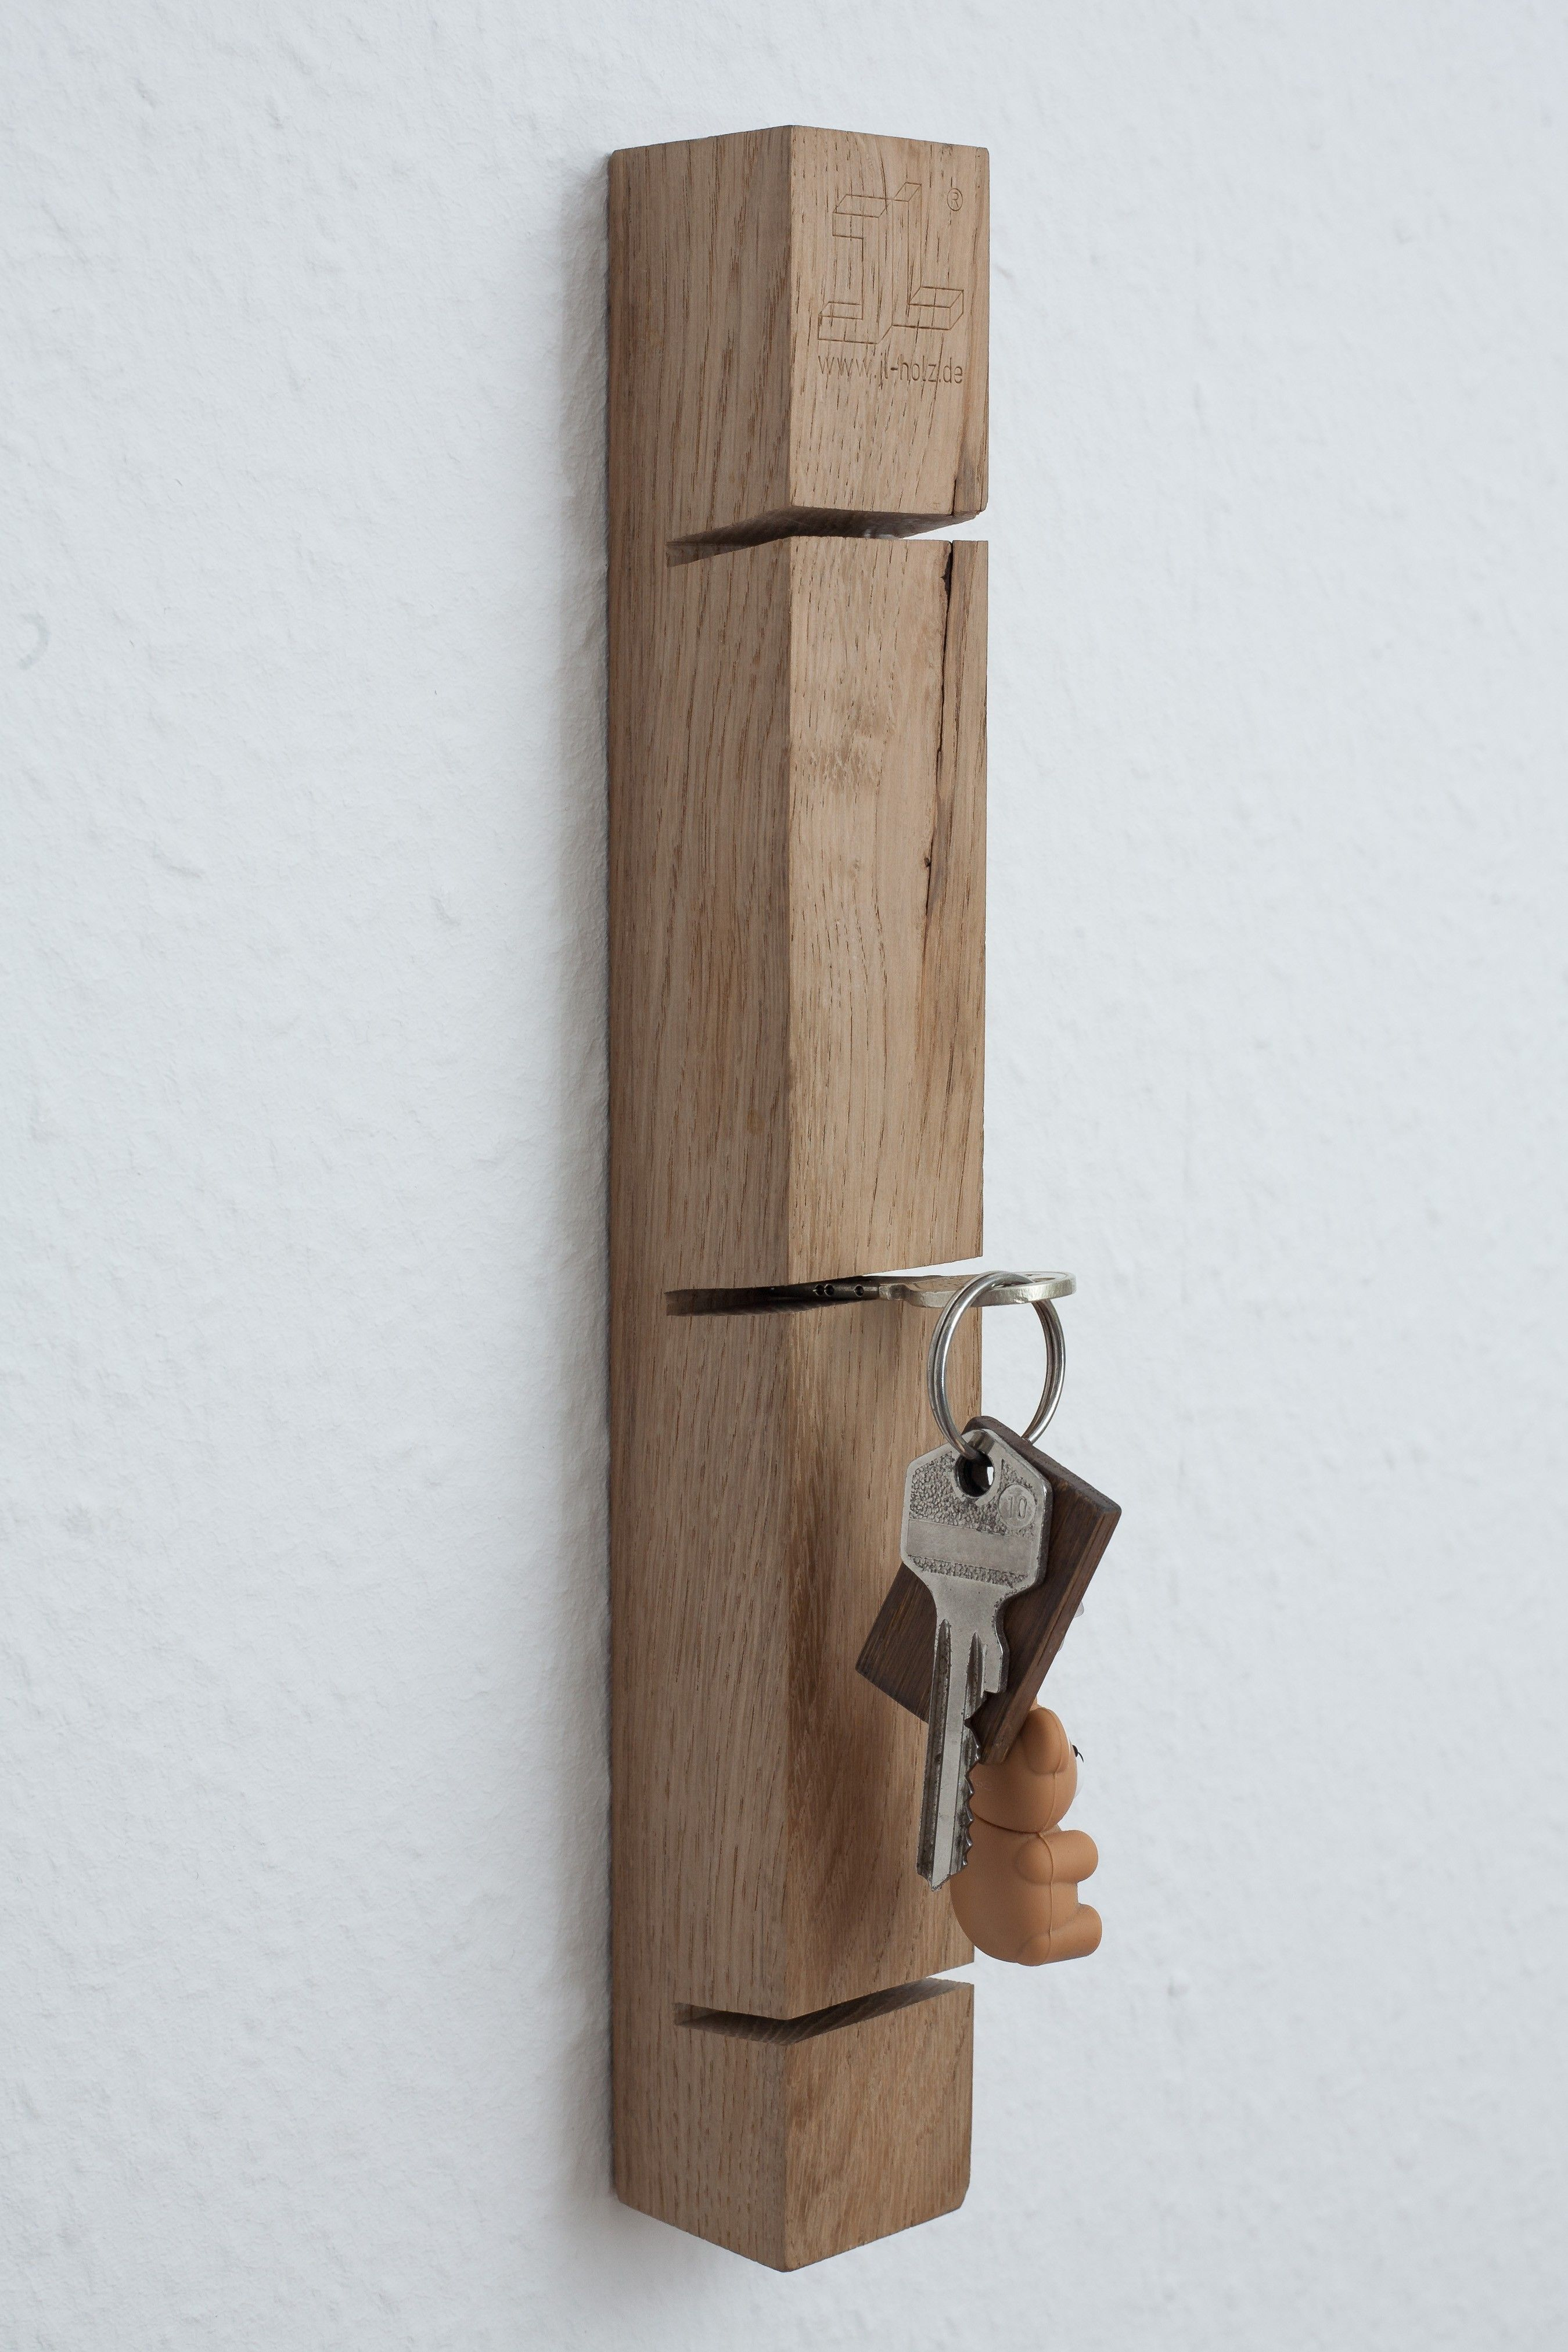 Das Jl Holz Schlusselbrett Sorgt Fur Ordnung Im Flur In Vertikaler Ausfuhrung Platzsparend Und Geeignet Fur 3 Sch Schlusselbrett Deco Holz Schlusselbrett Holz